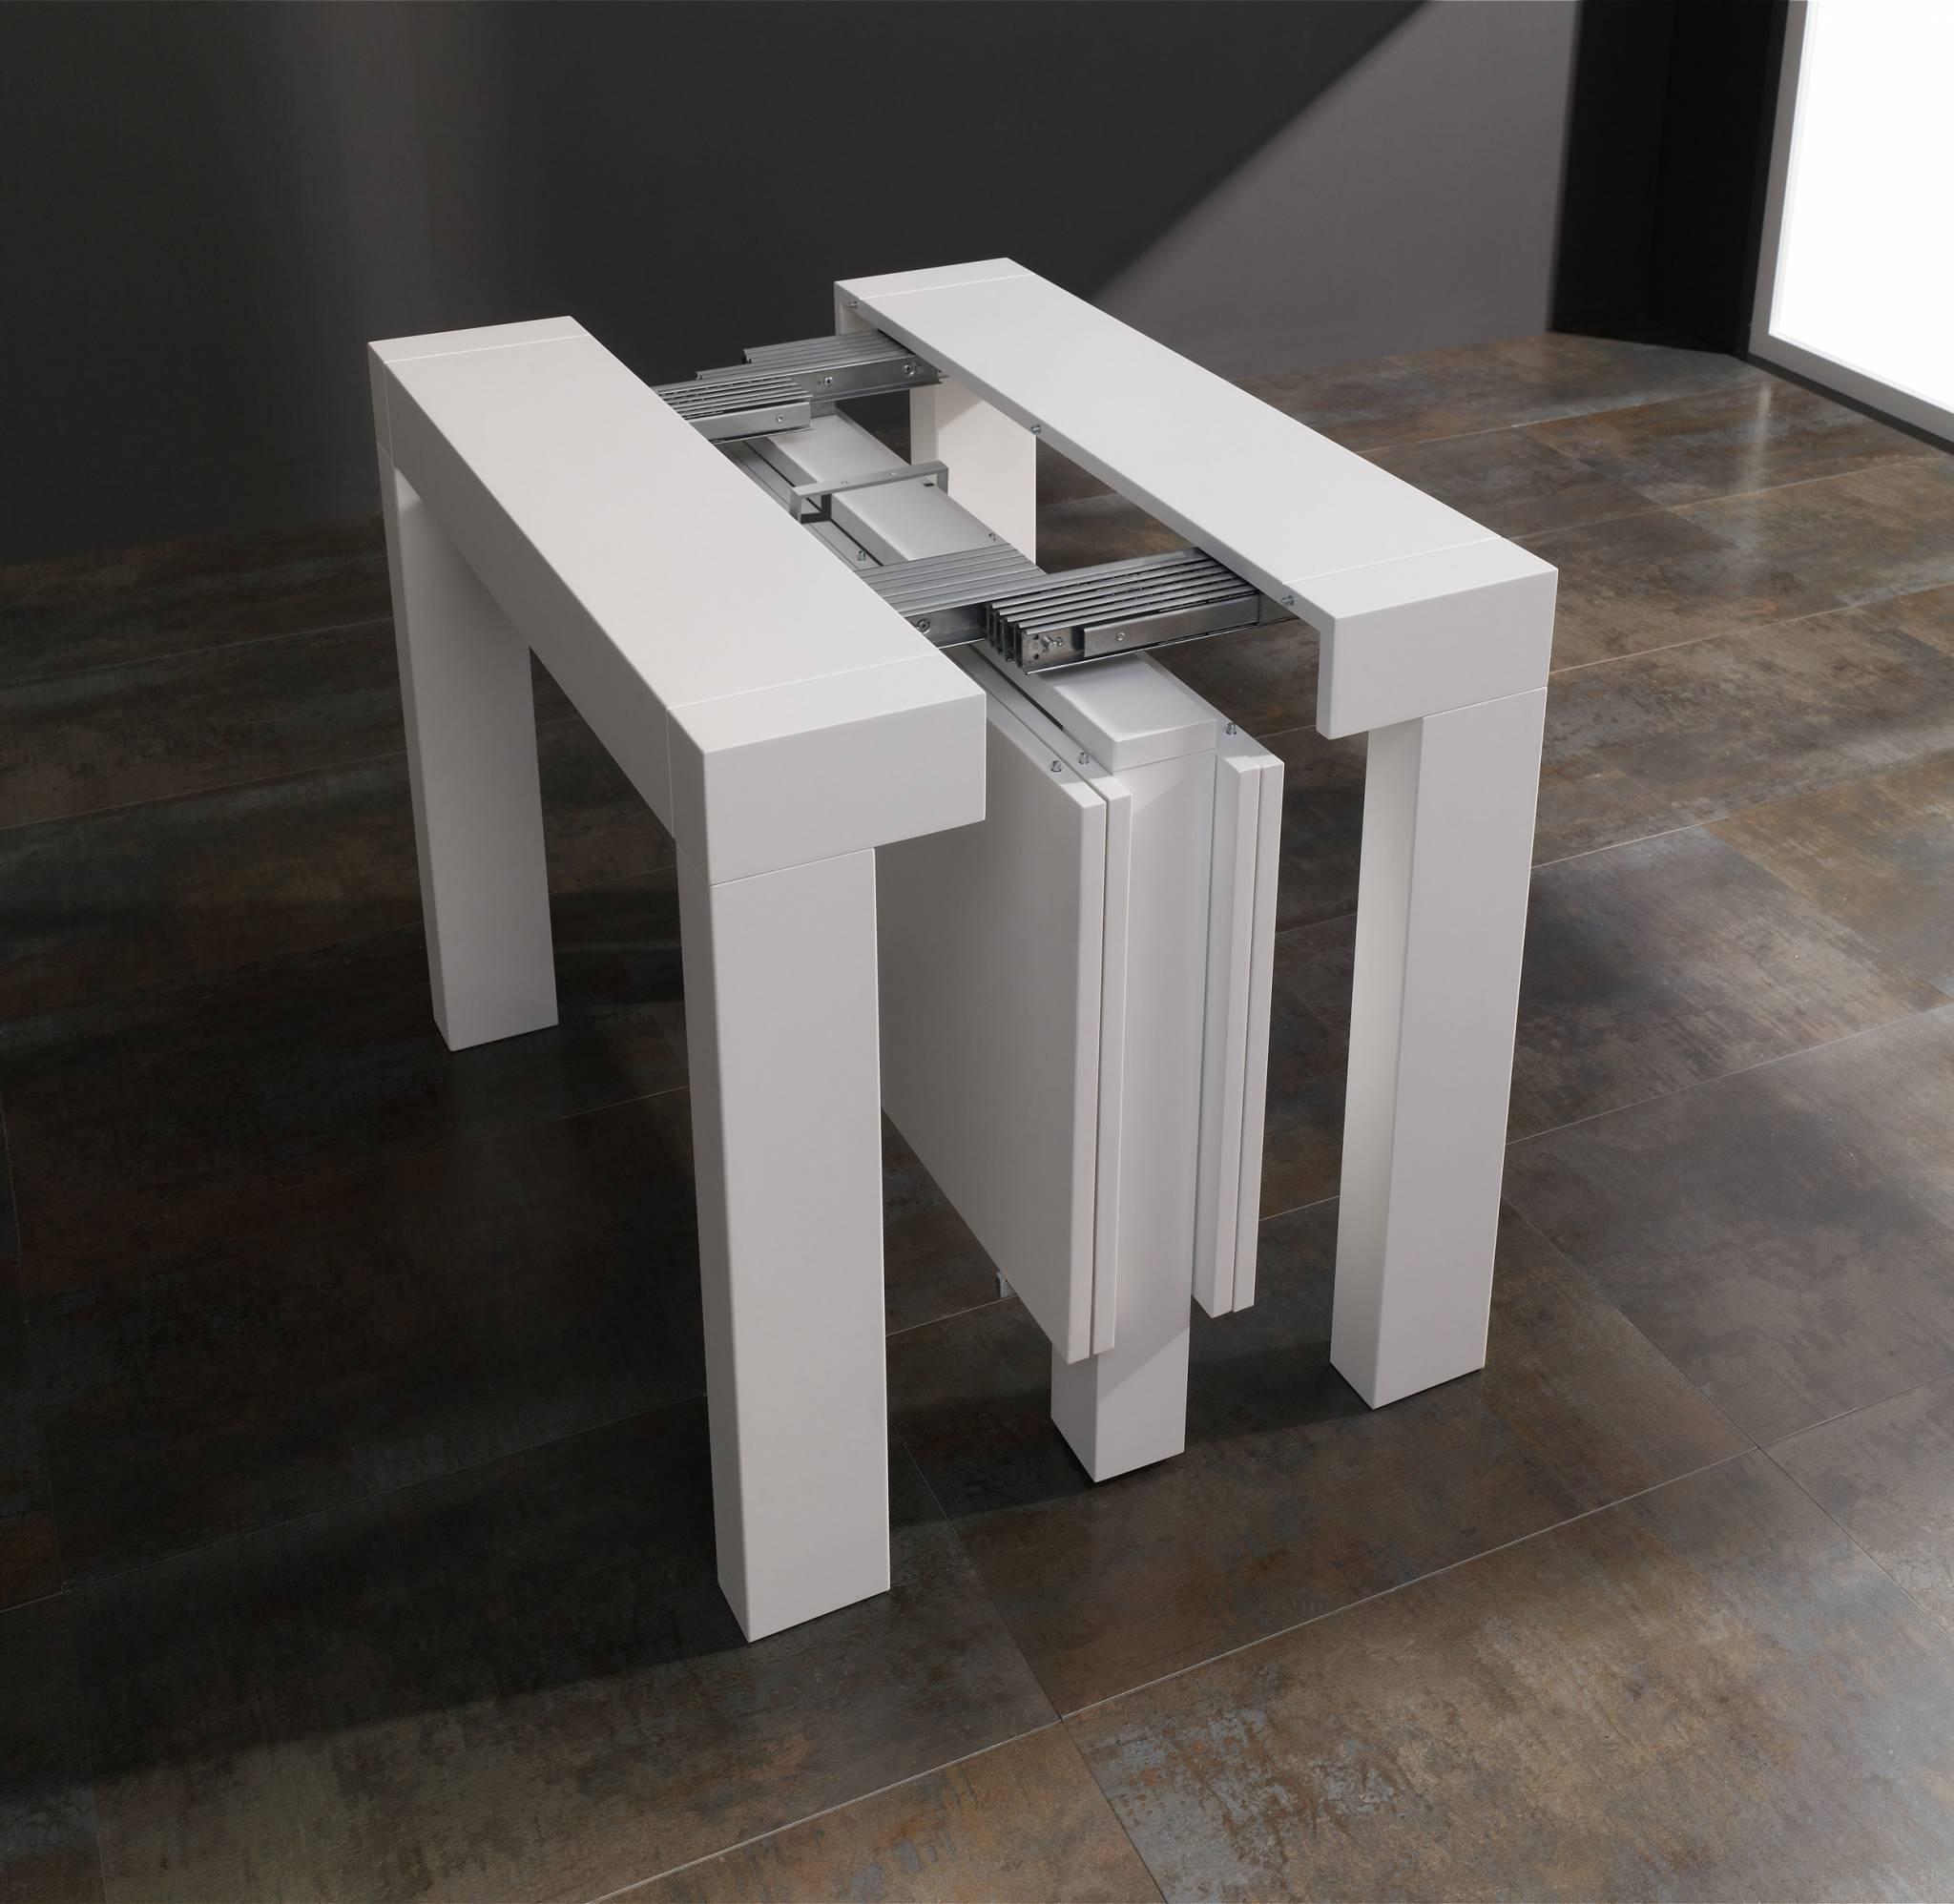 Mesa comedor consola extensible muebles d azmuebles d az for Mesas de comedor extensibles economicas